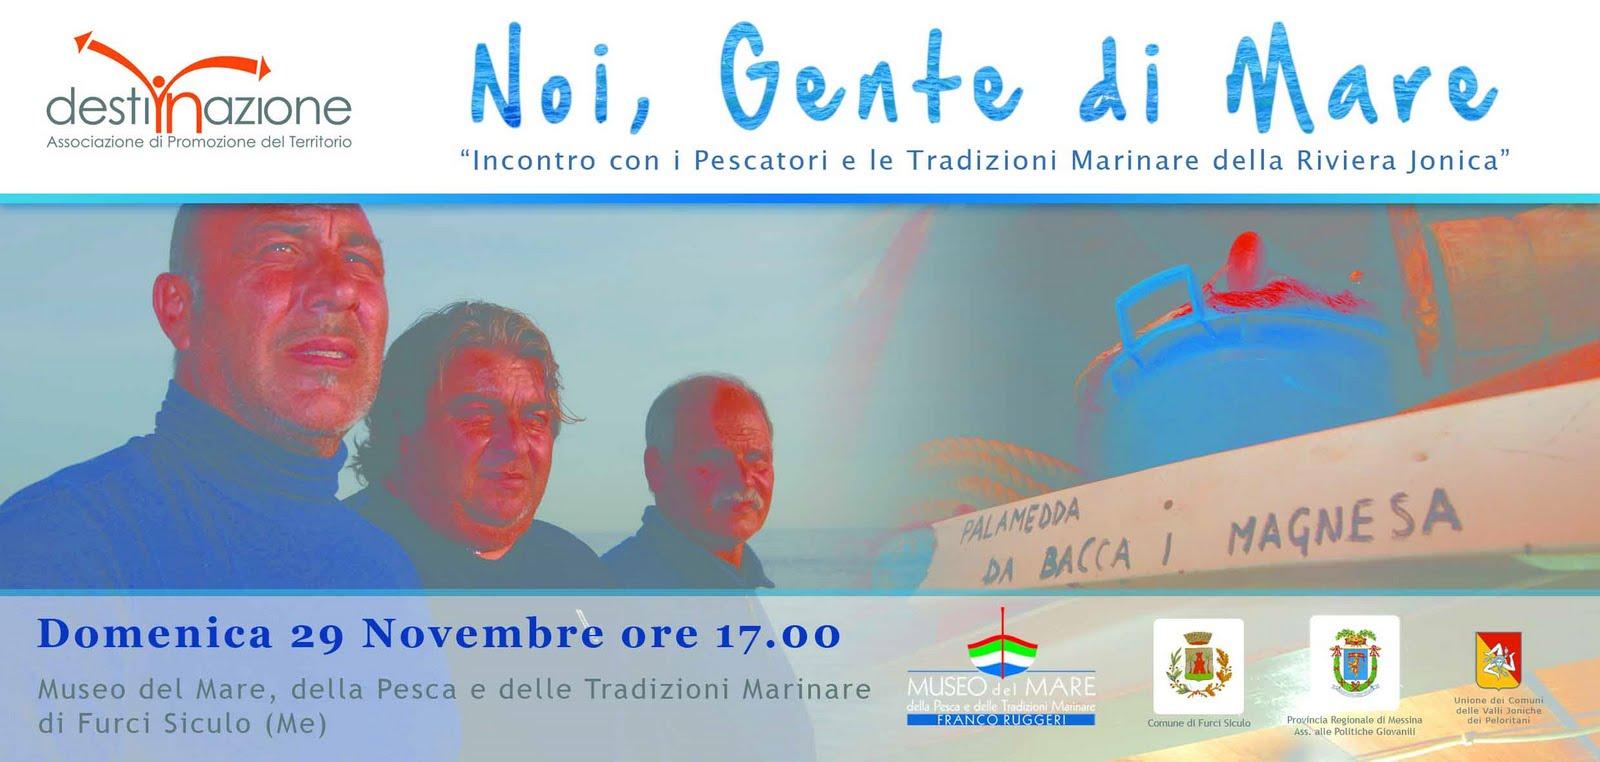 Io geometra bonarrigo furci siculo al museo del mare for Progetta i piani domestici delle tradizioni